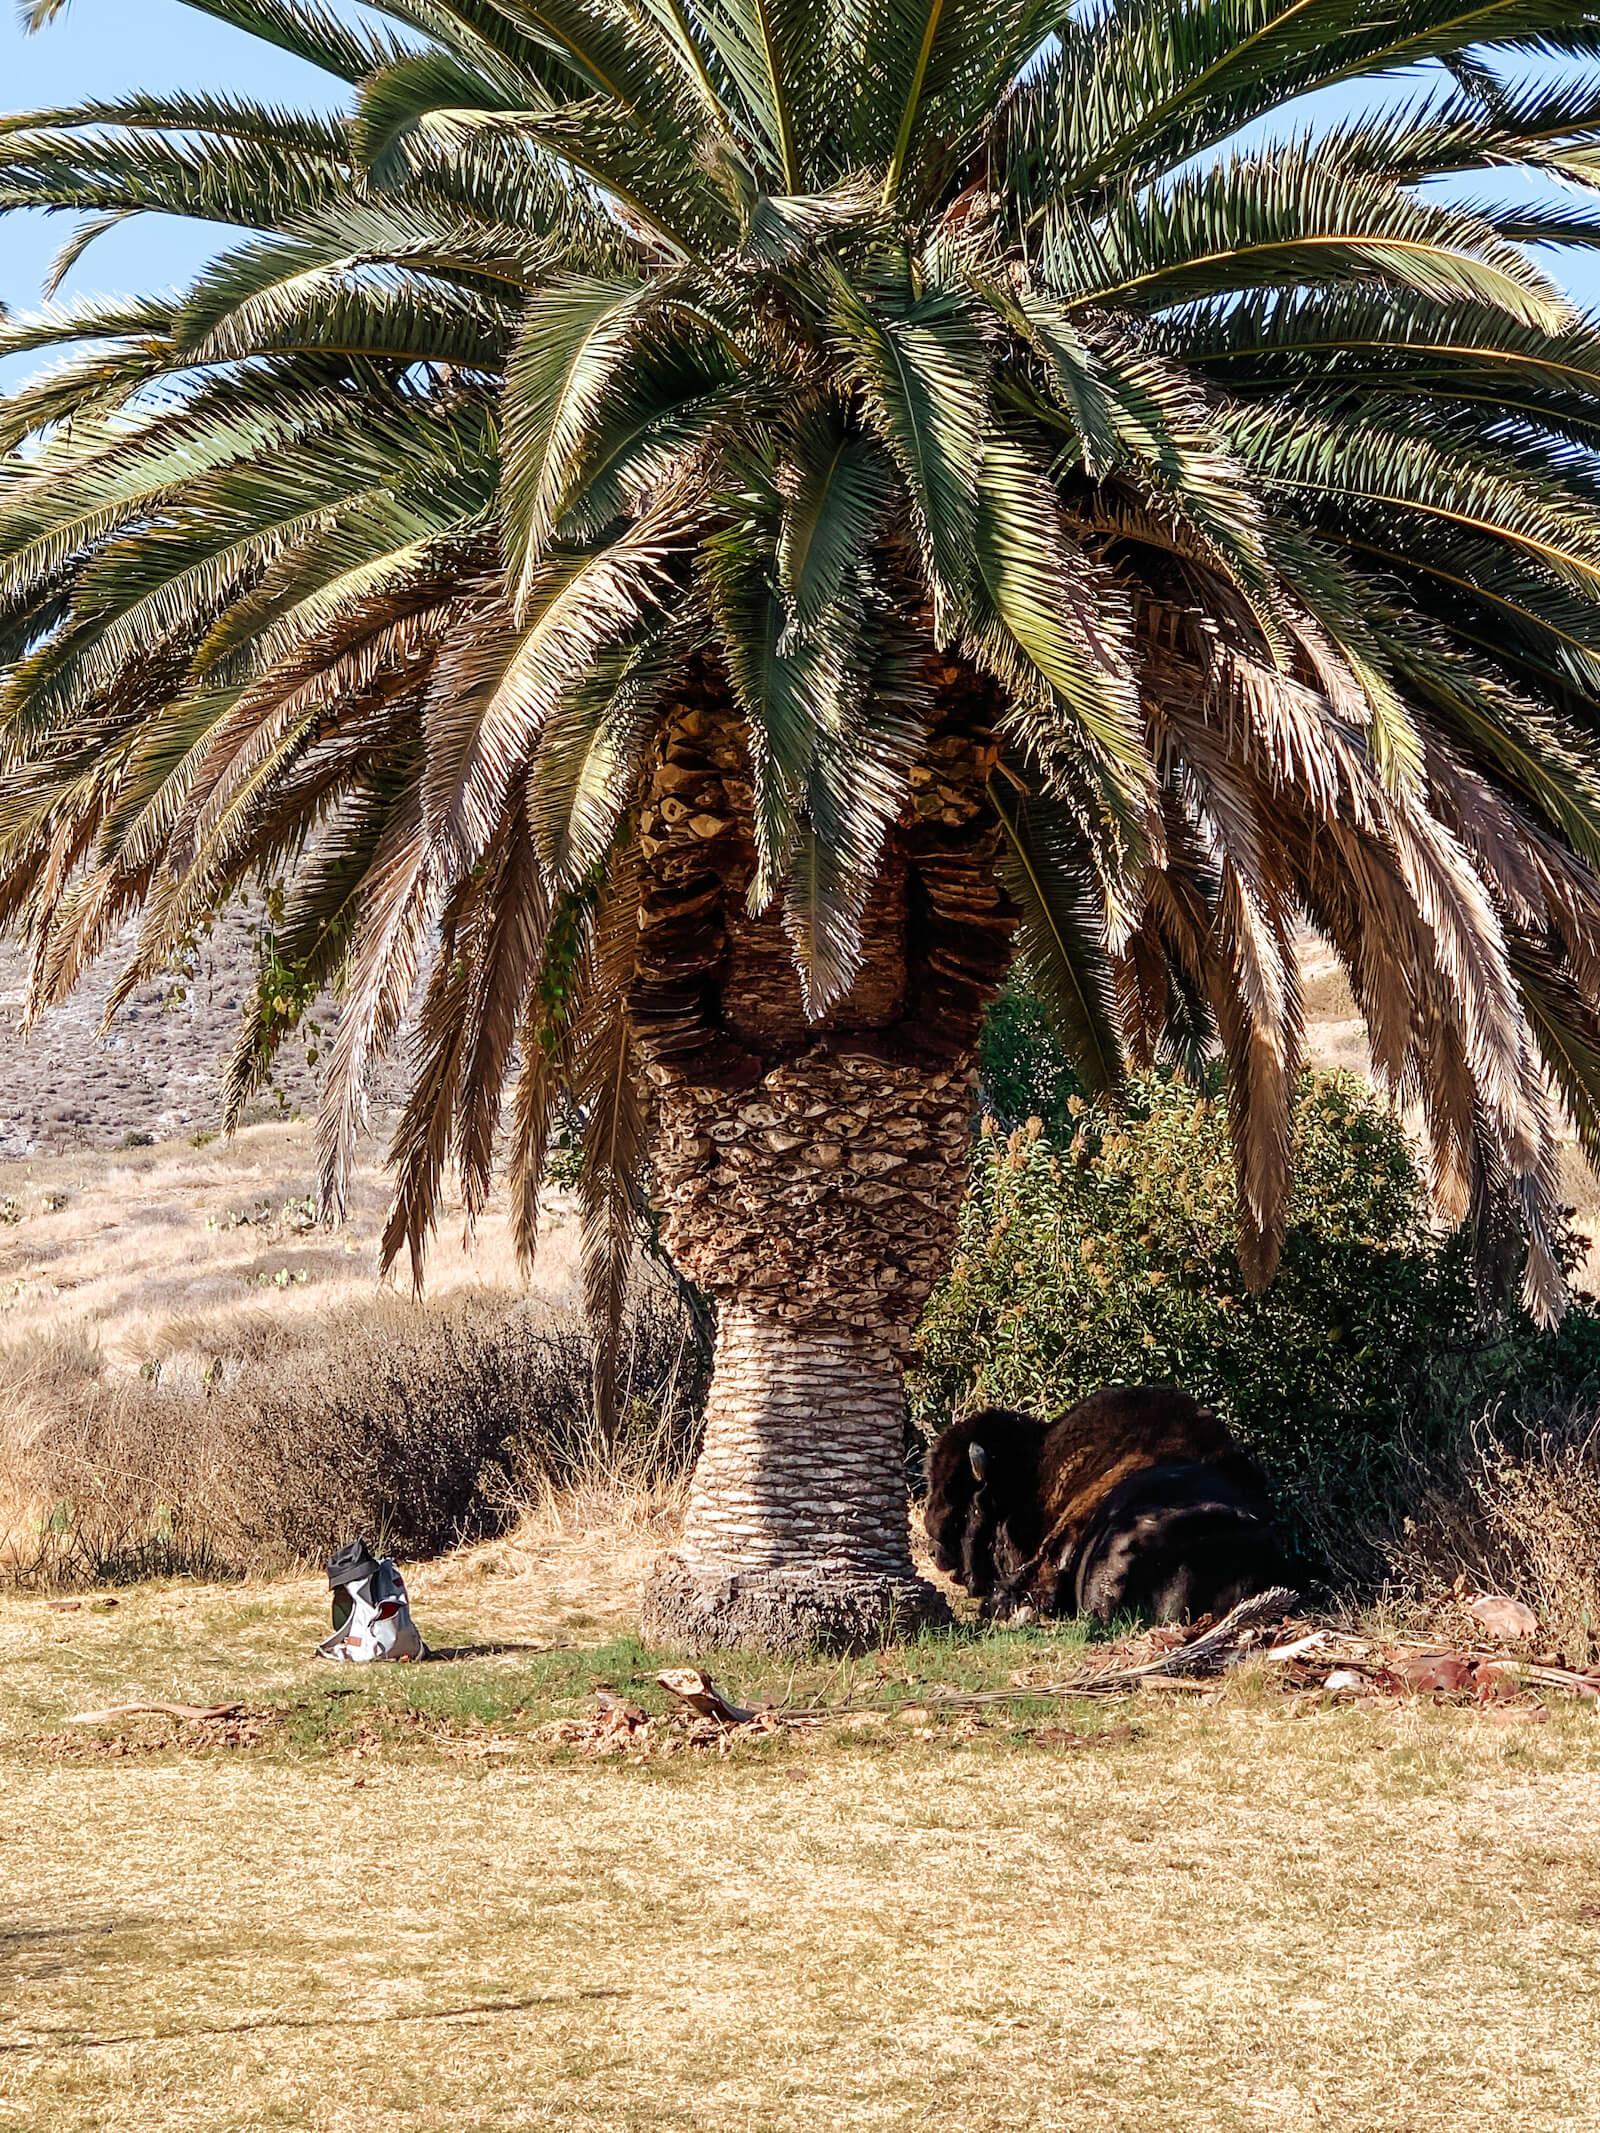 Les bisons à Little Harbor sur la Catalina Island